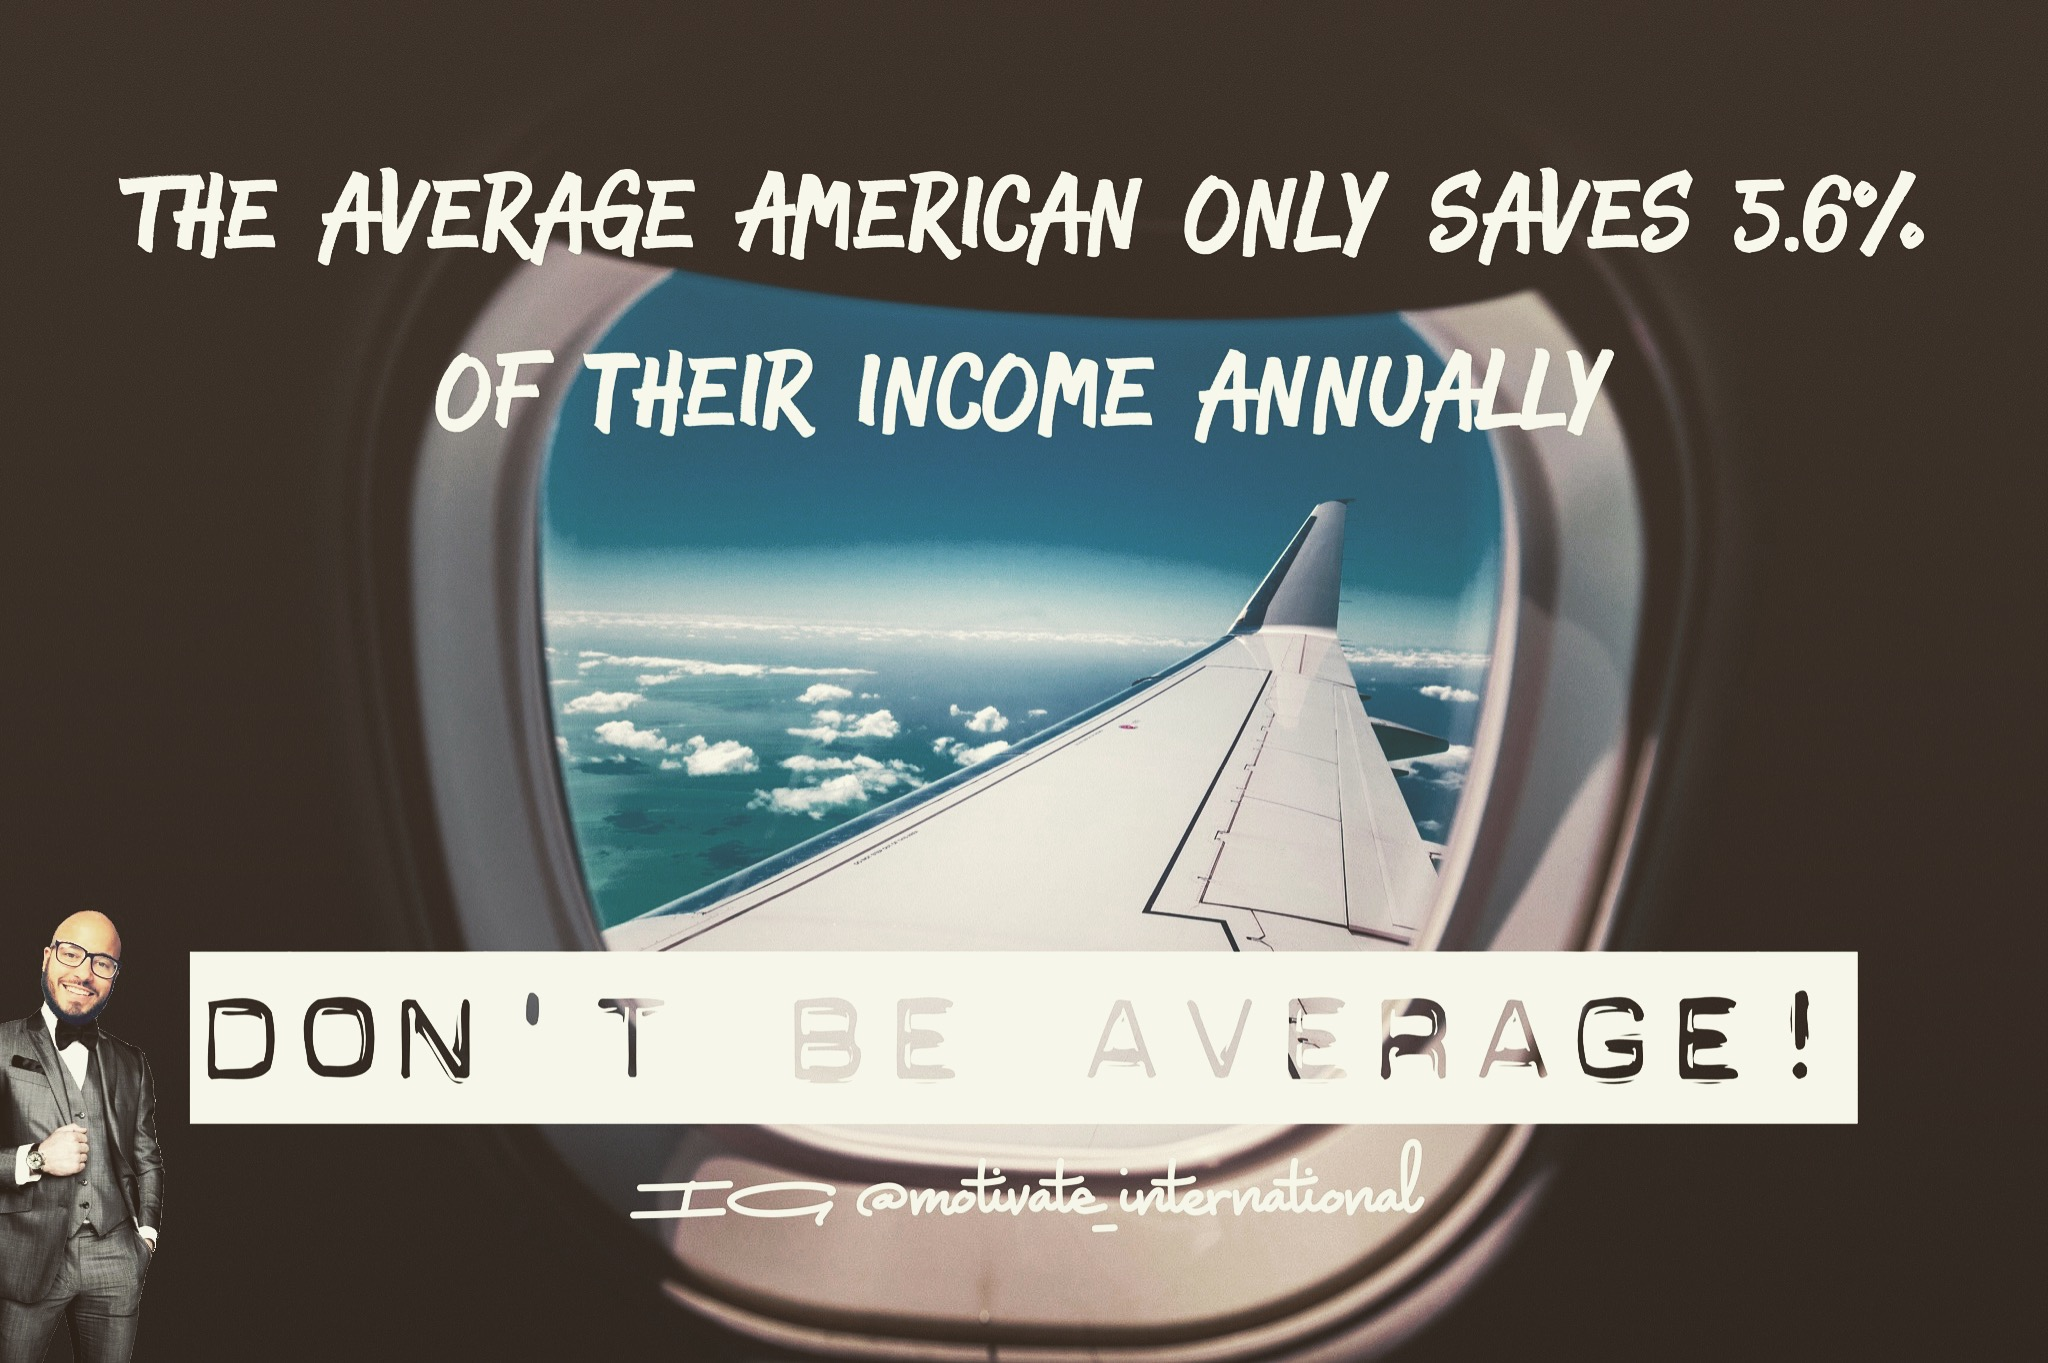 [IMAGE] Don't be average